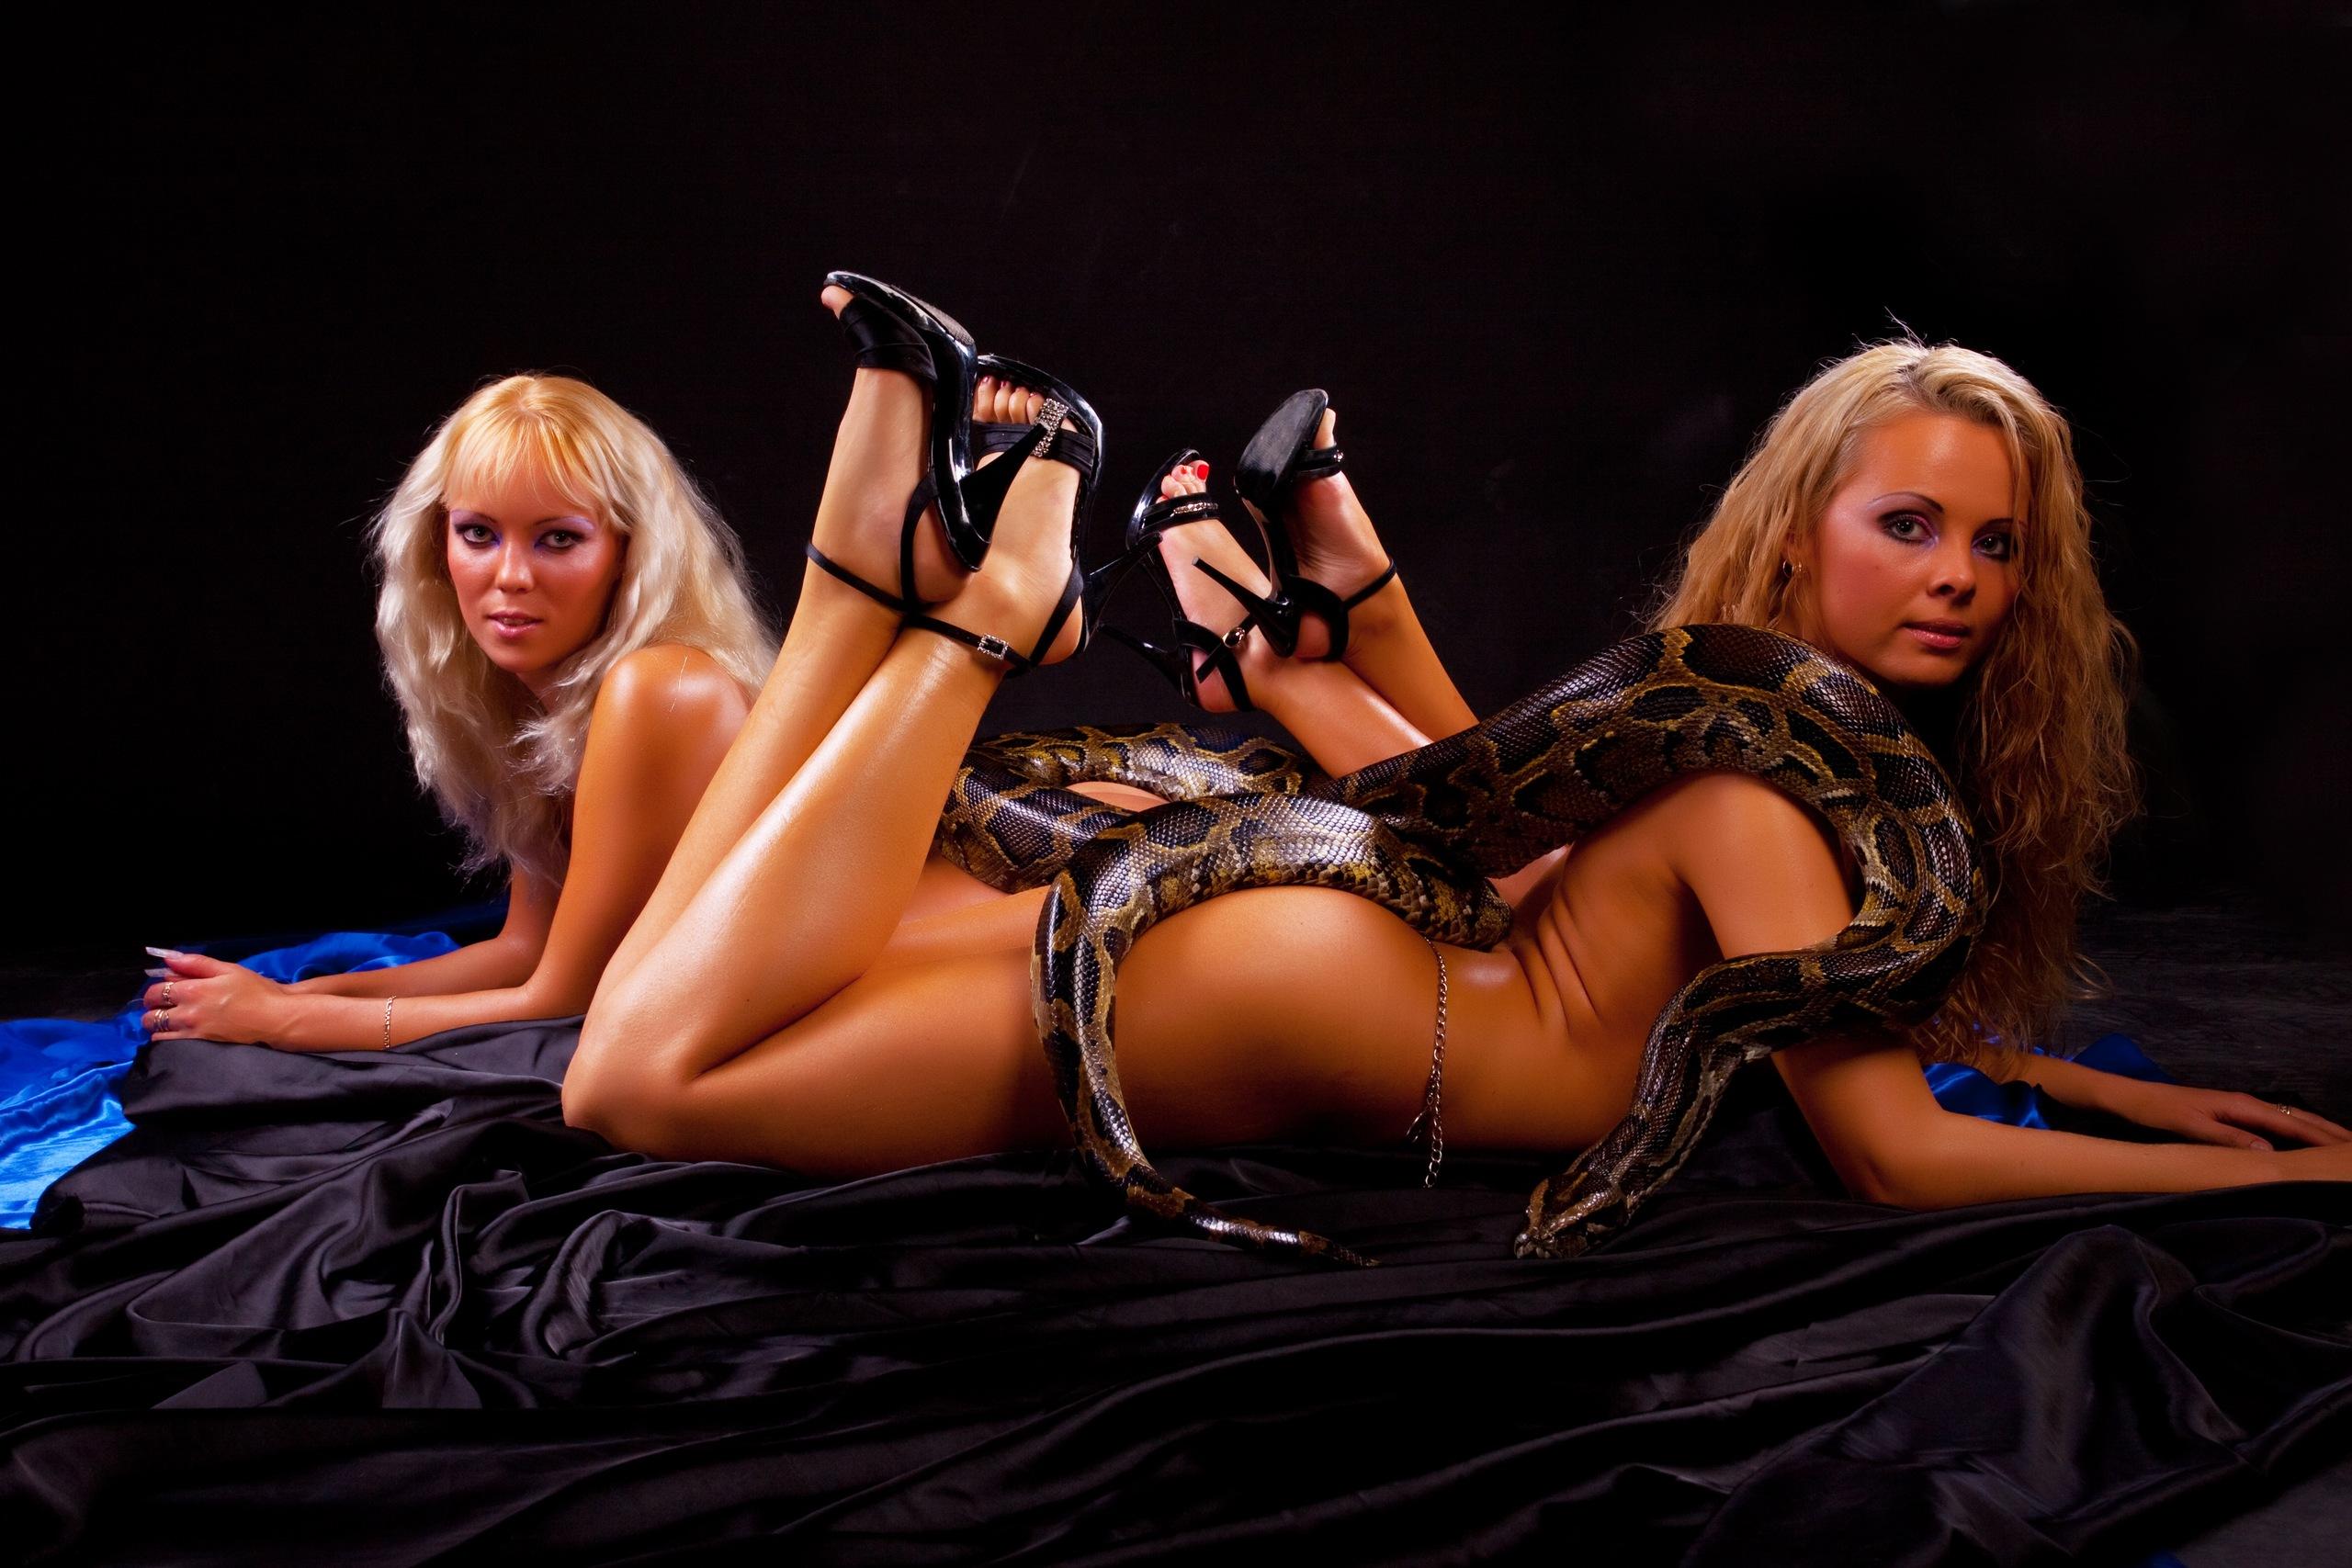 Смотреть эротические танцы со змеями 6 фотография